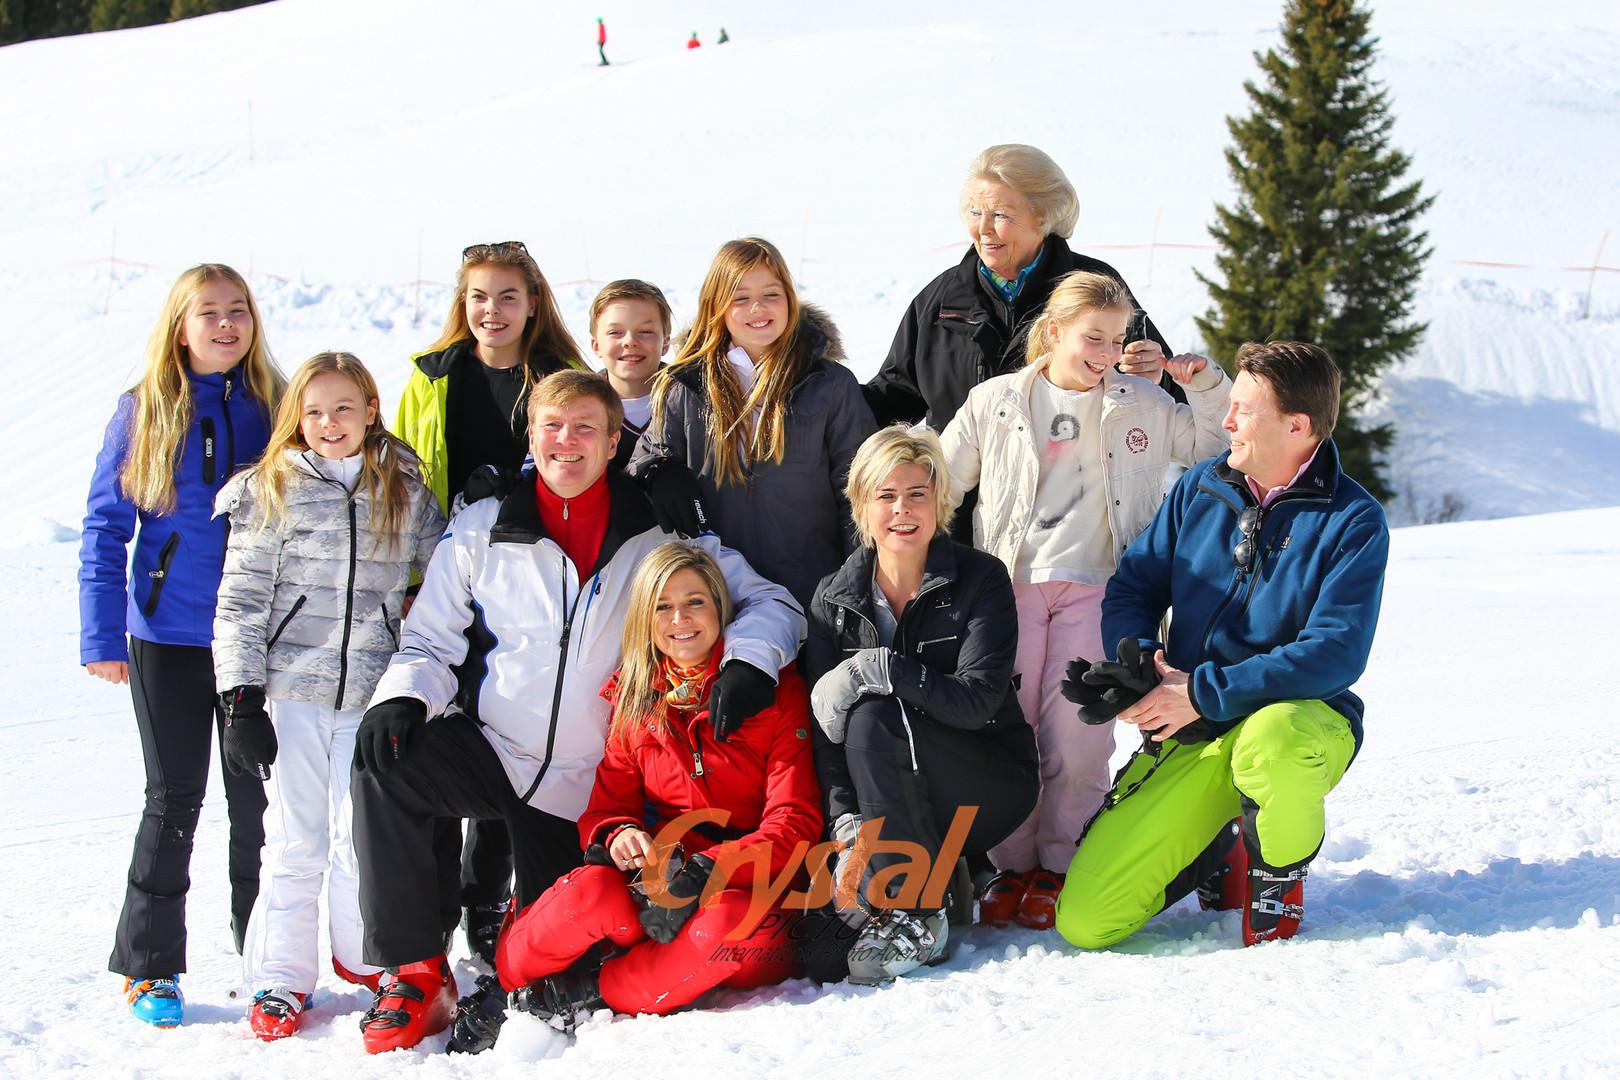 Photocall Famille Royale des Pays-Bas à Lech, en Autriche.